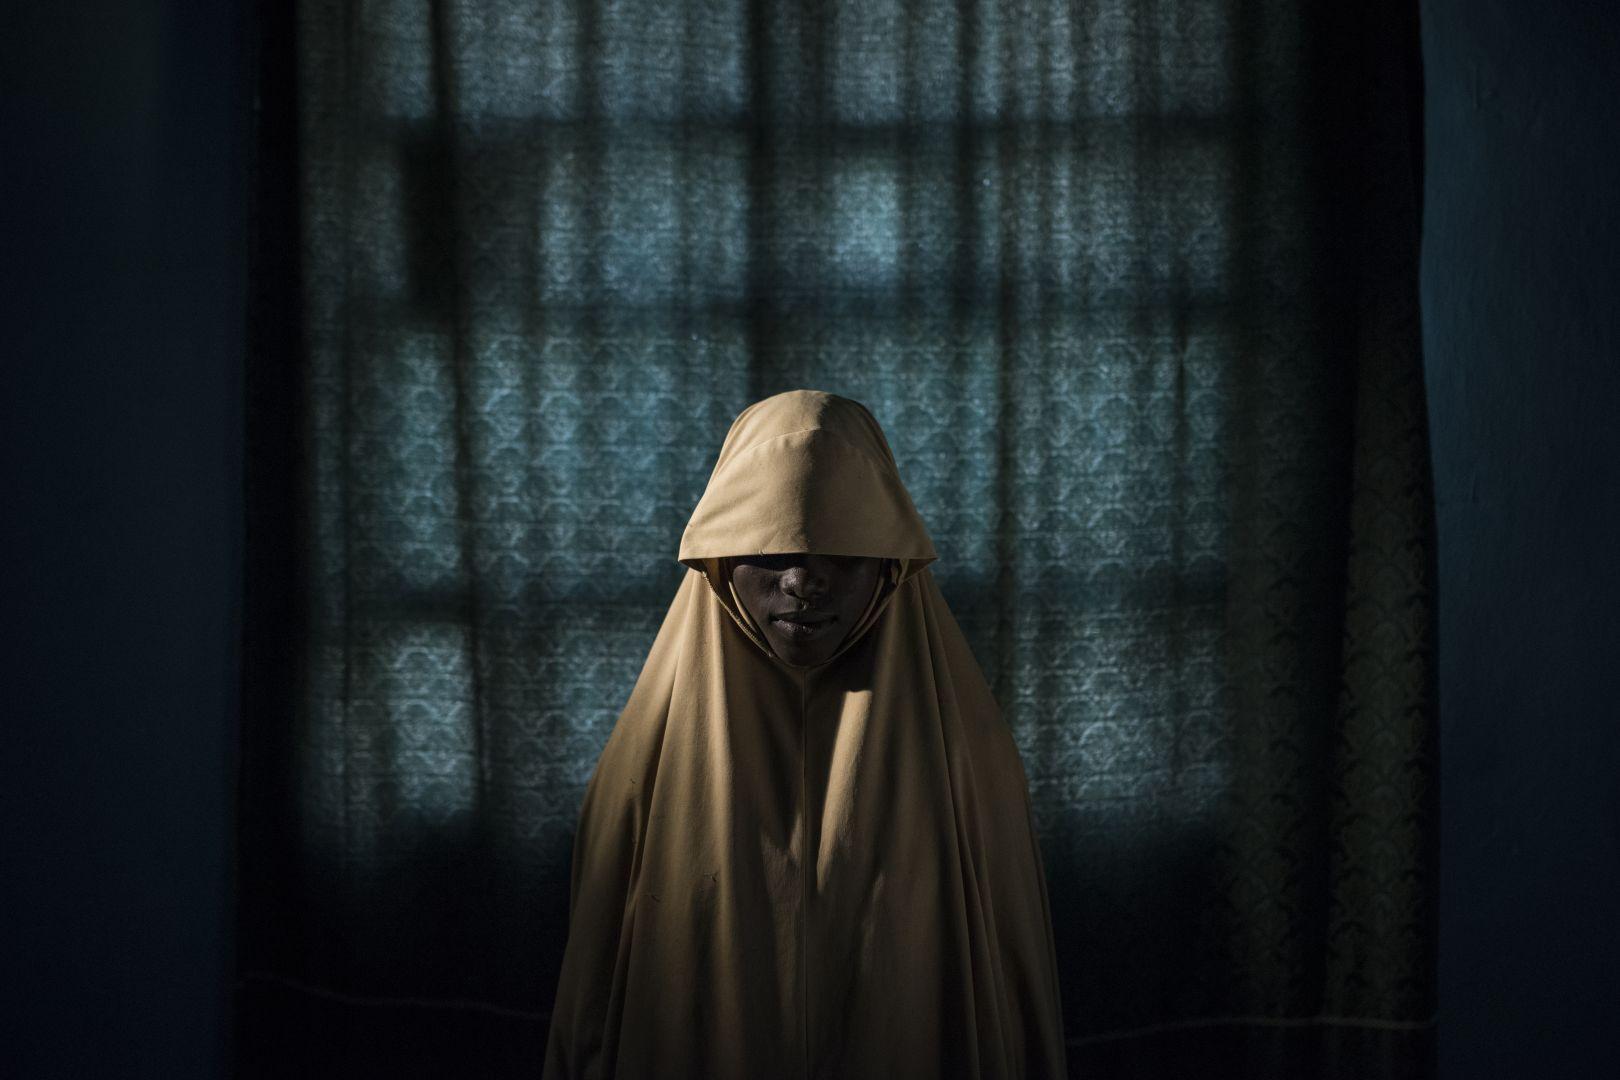 Боко Харам закрепили на них бомбы для теракта. Как-то эти девочки-подростки выжили, © Адам Фергюсон, США, 1-й приз : серия, Фотоконкурс World Press Photo